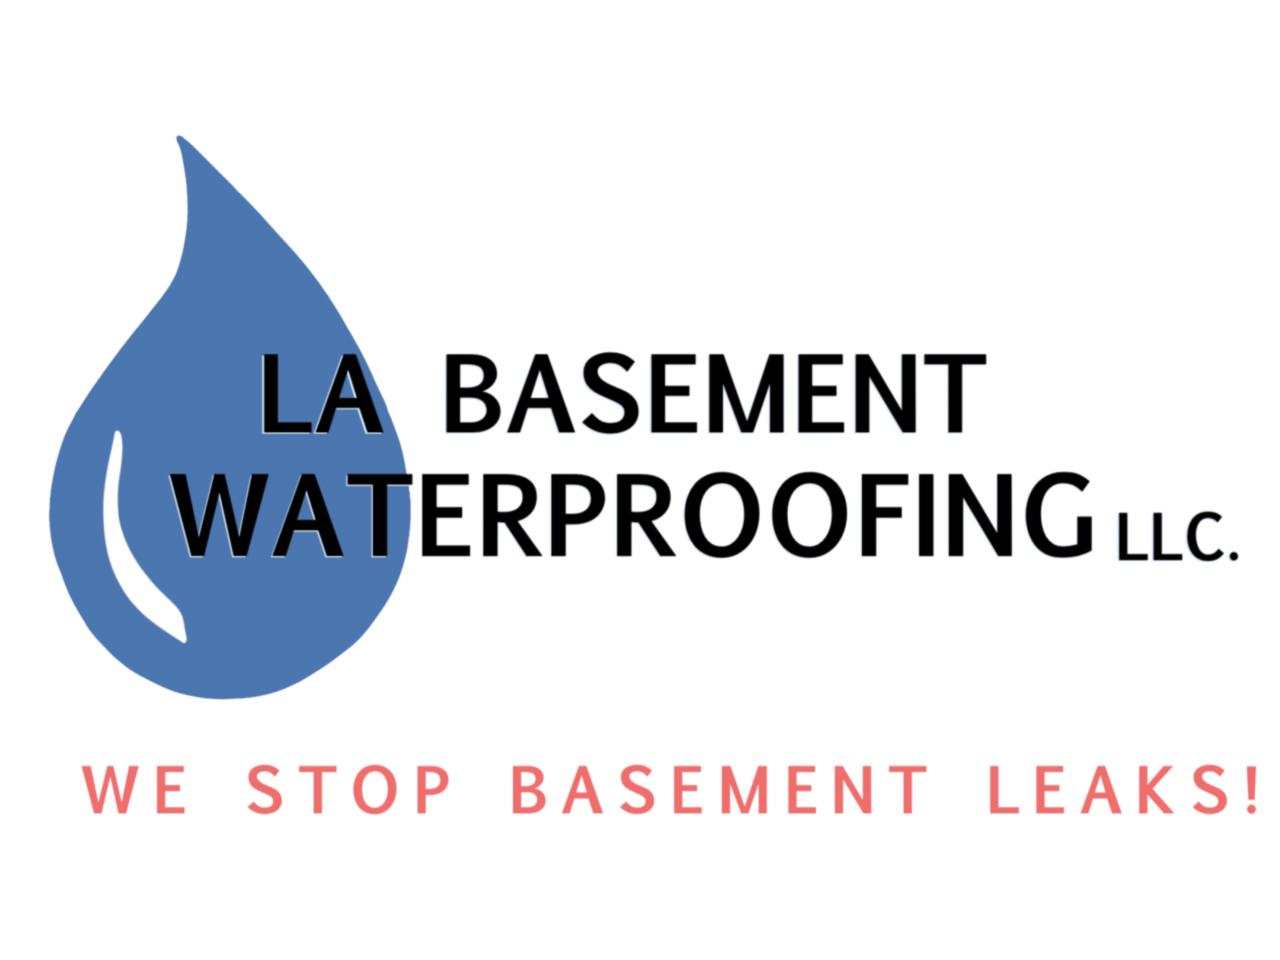 LA Basement Waterproofing